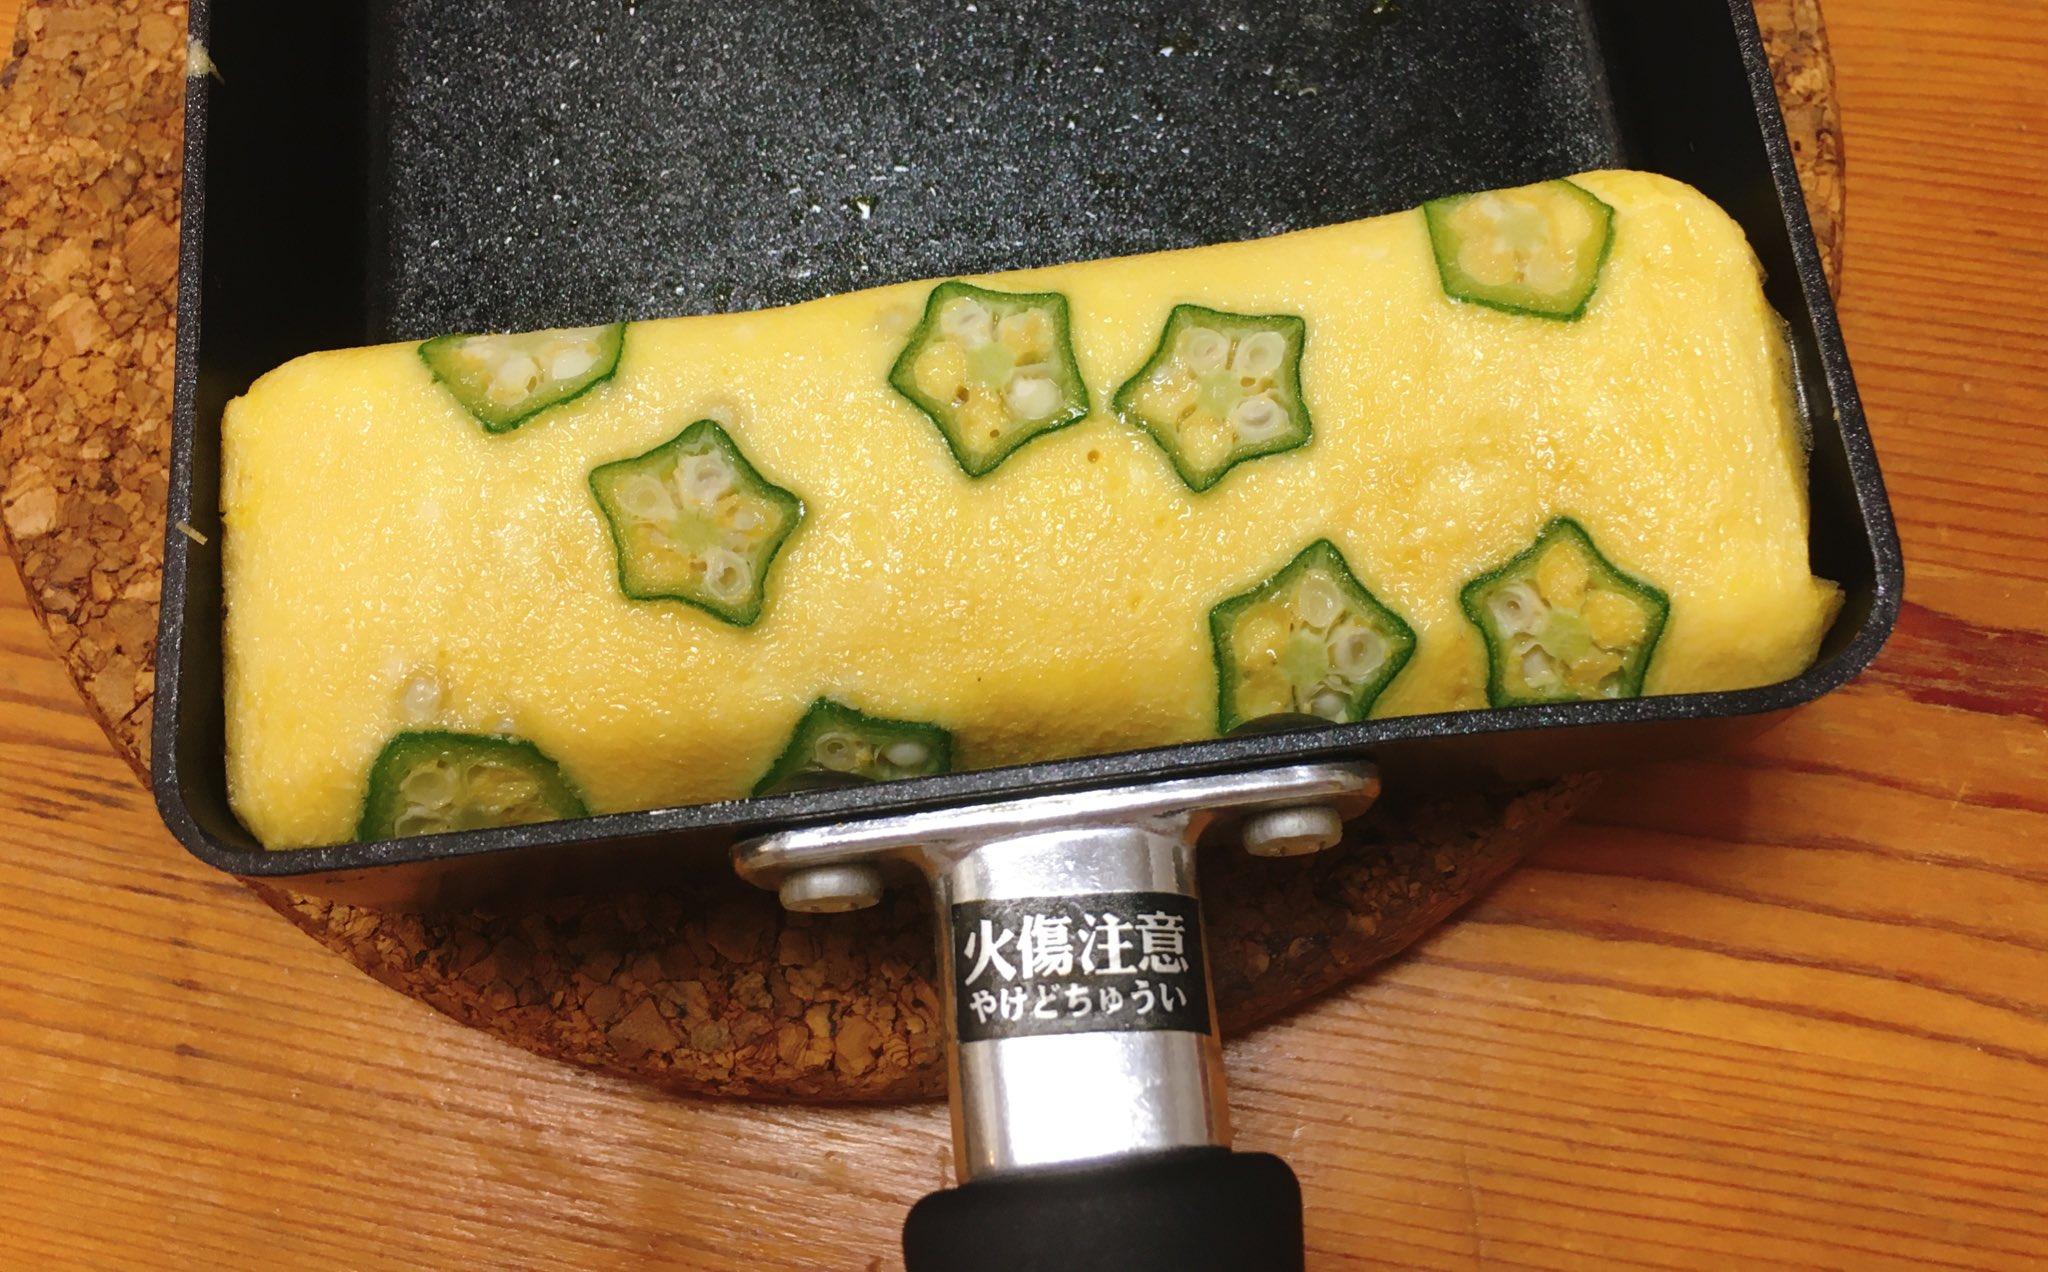 【料理】オクラを入れた卵焼きがめちゃくちゃ可愛い。天才か!